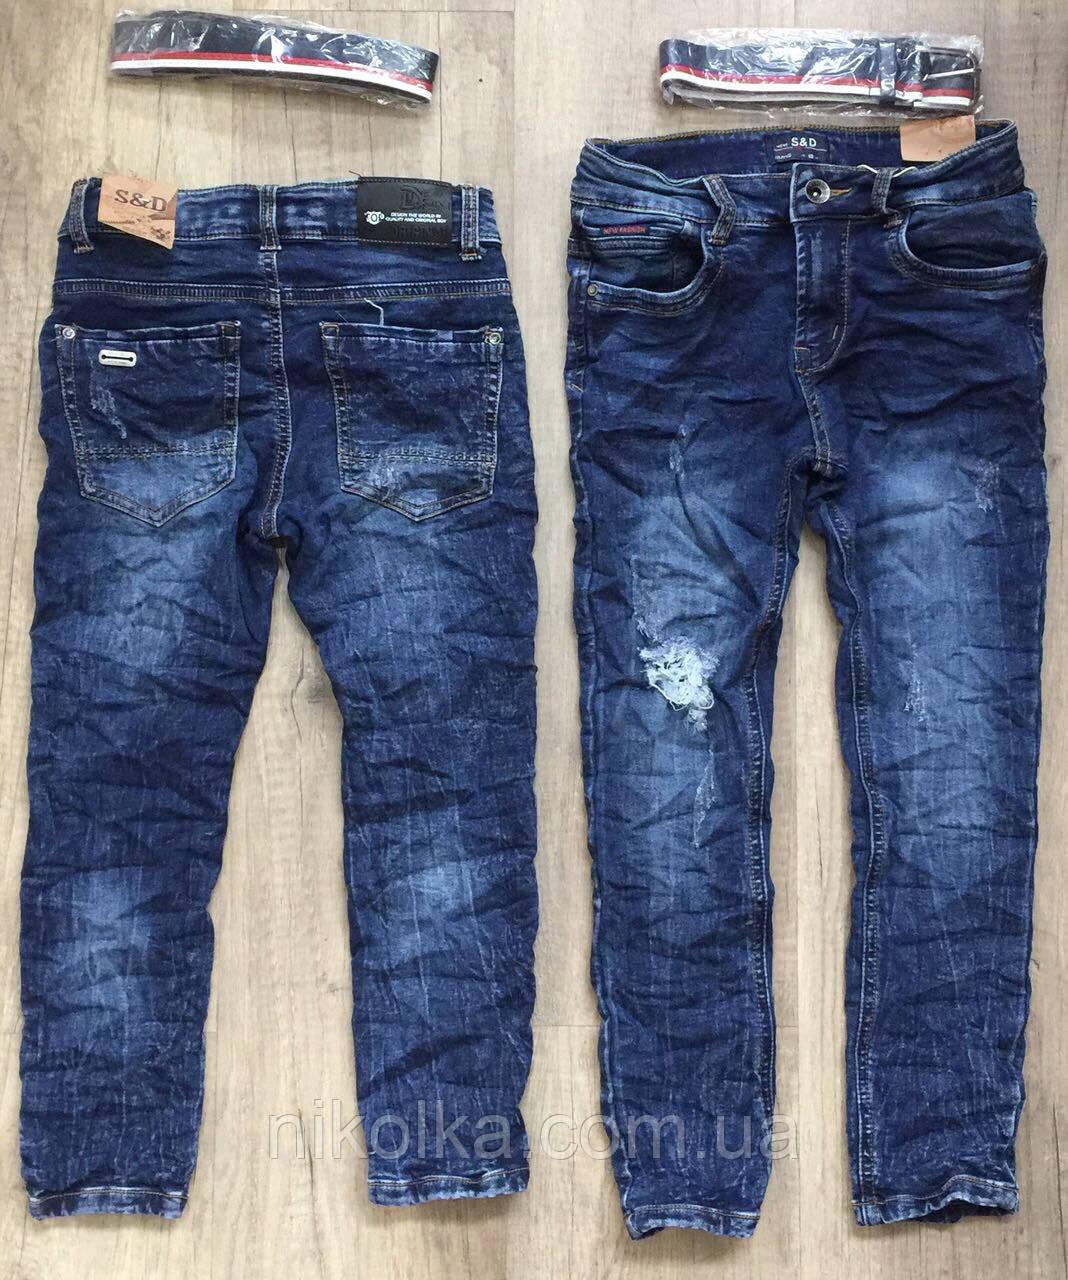 Джинсовые брюки для мальчиков  оптом,S&D ,140-170 рр., арт. DT-1012